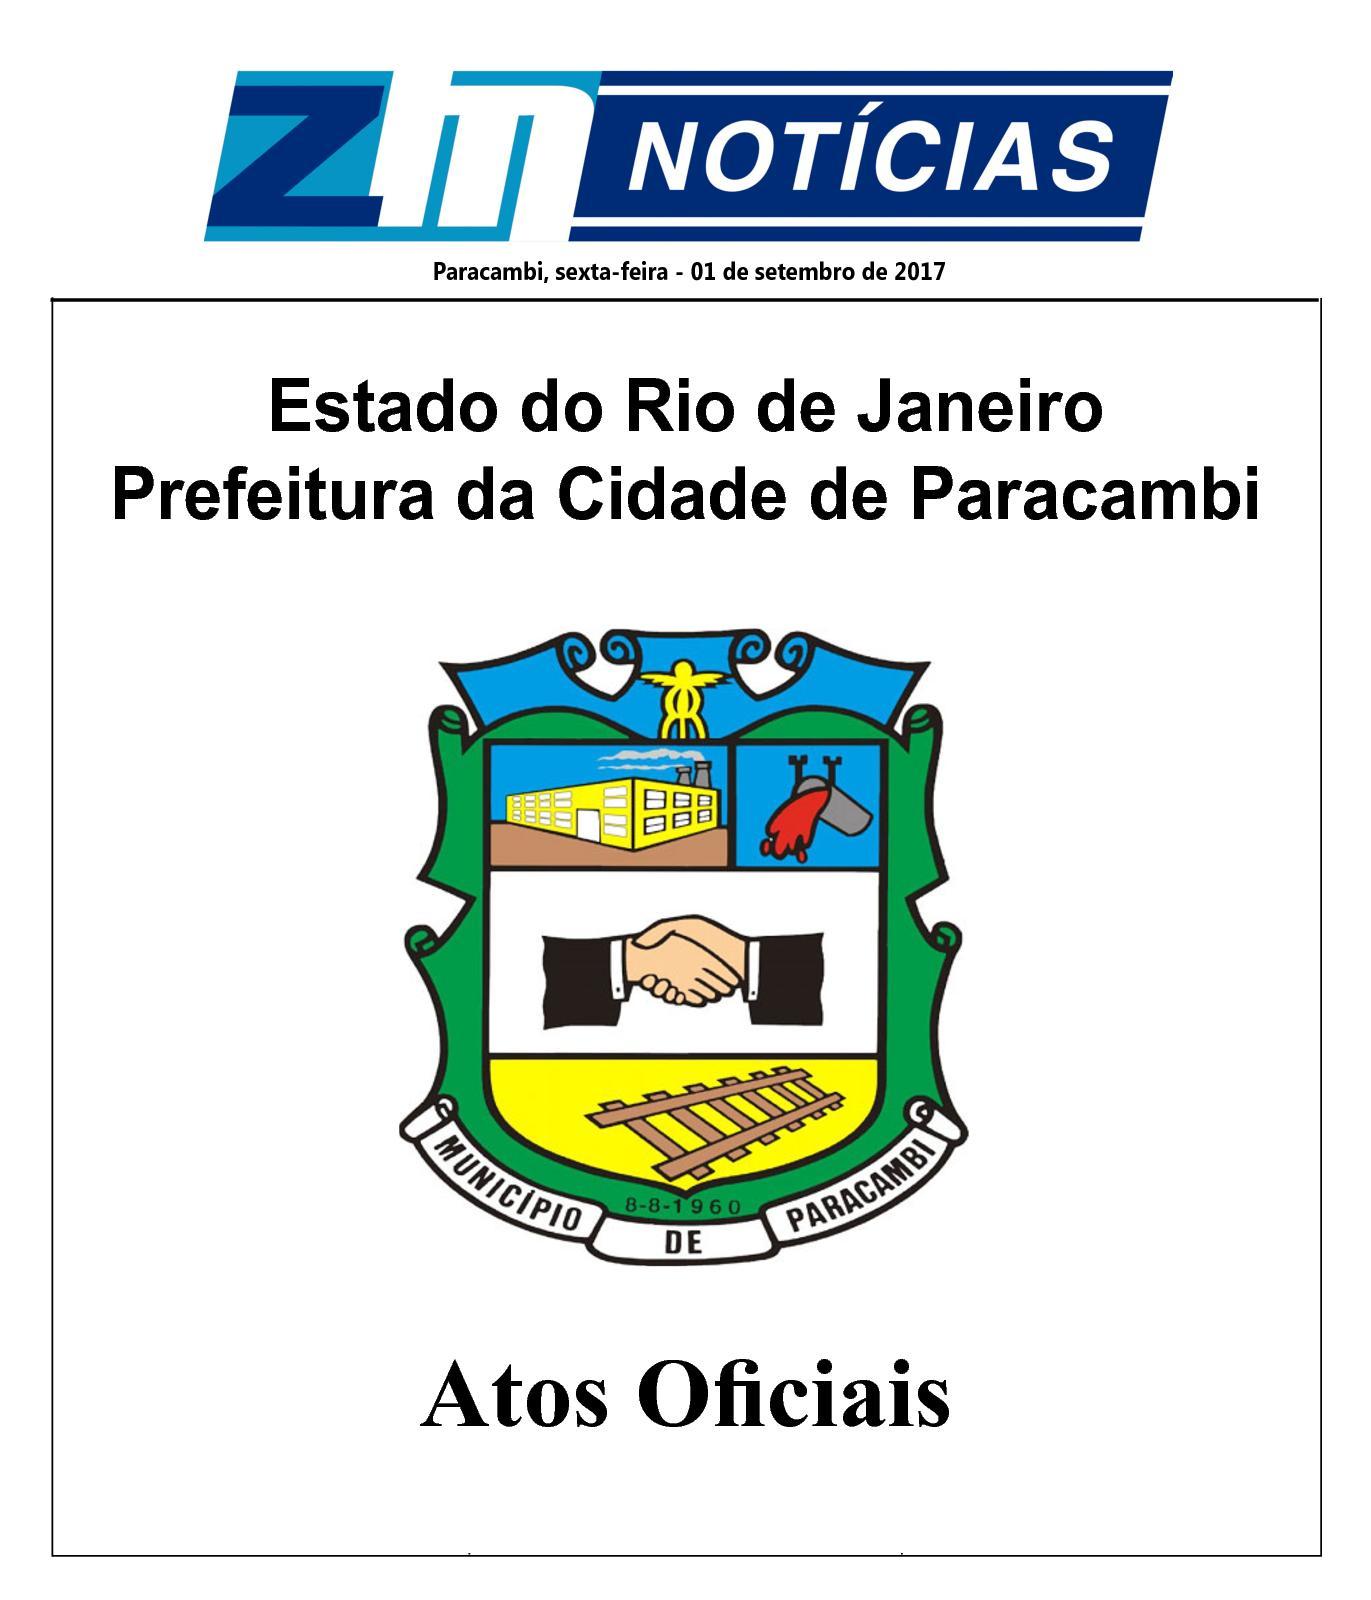 P M P Atos Oficiais 010917